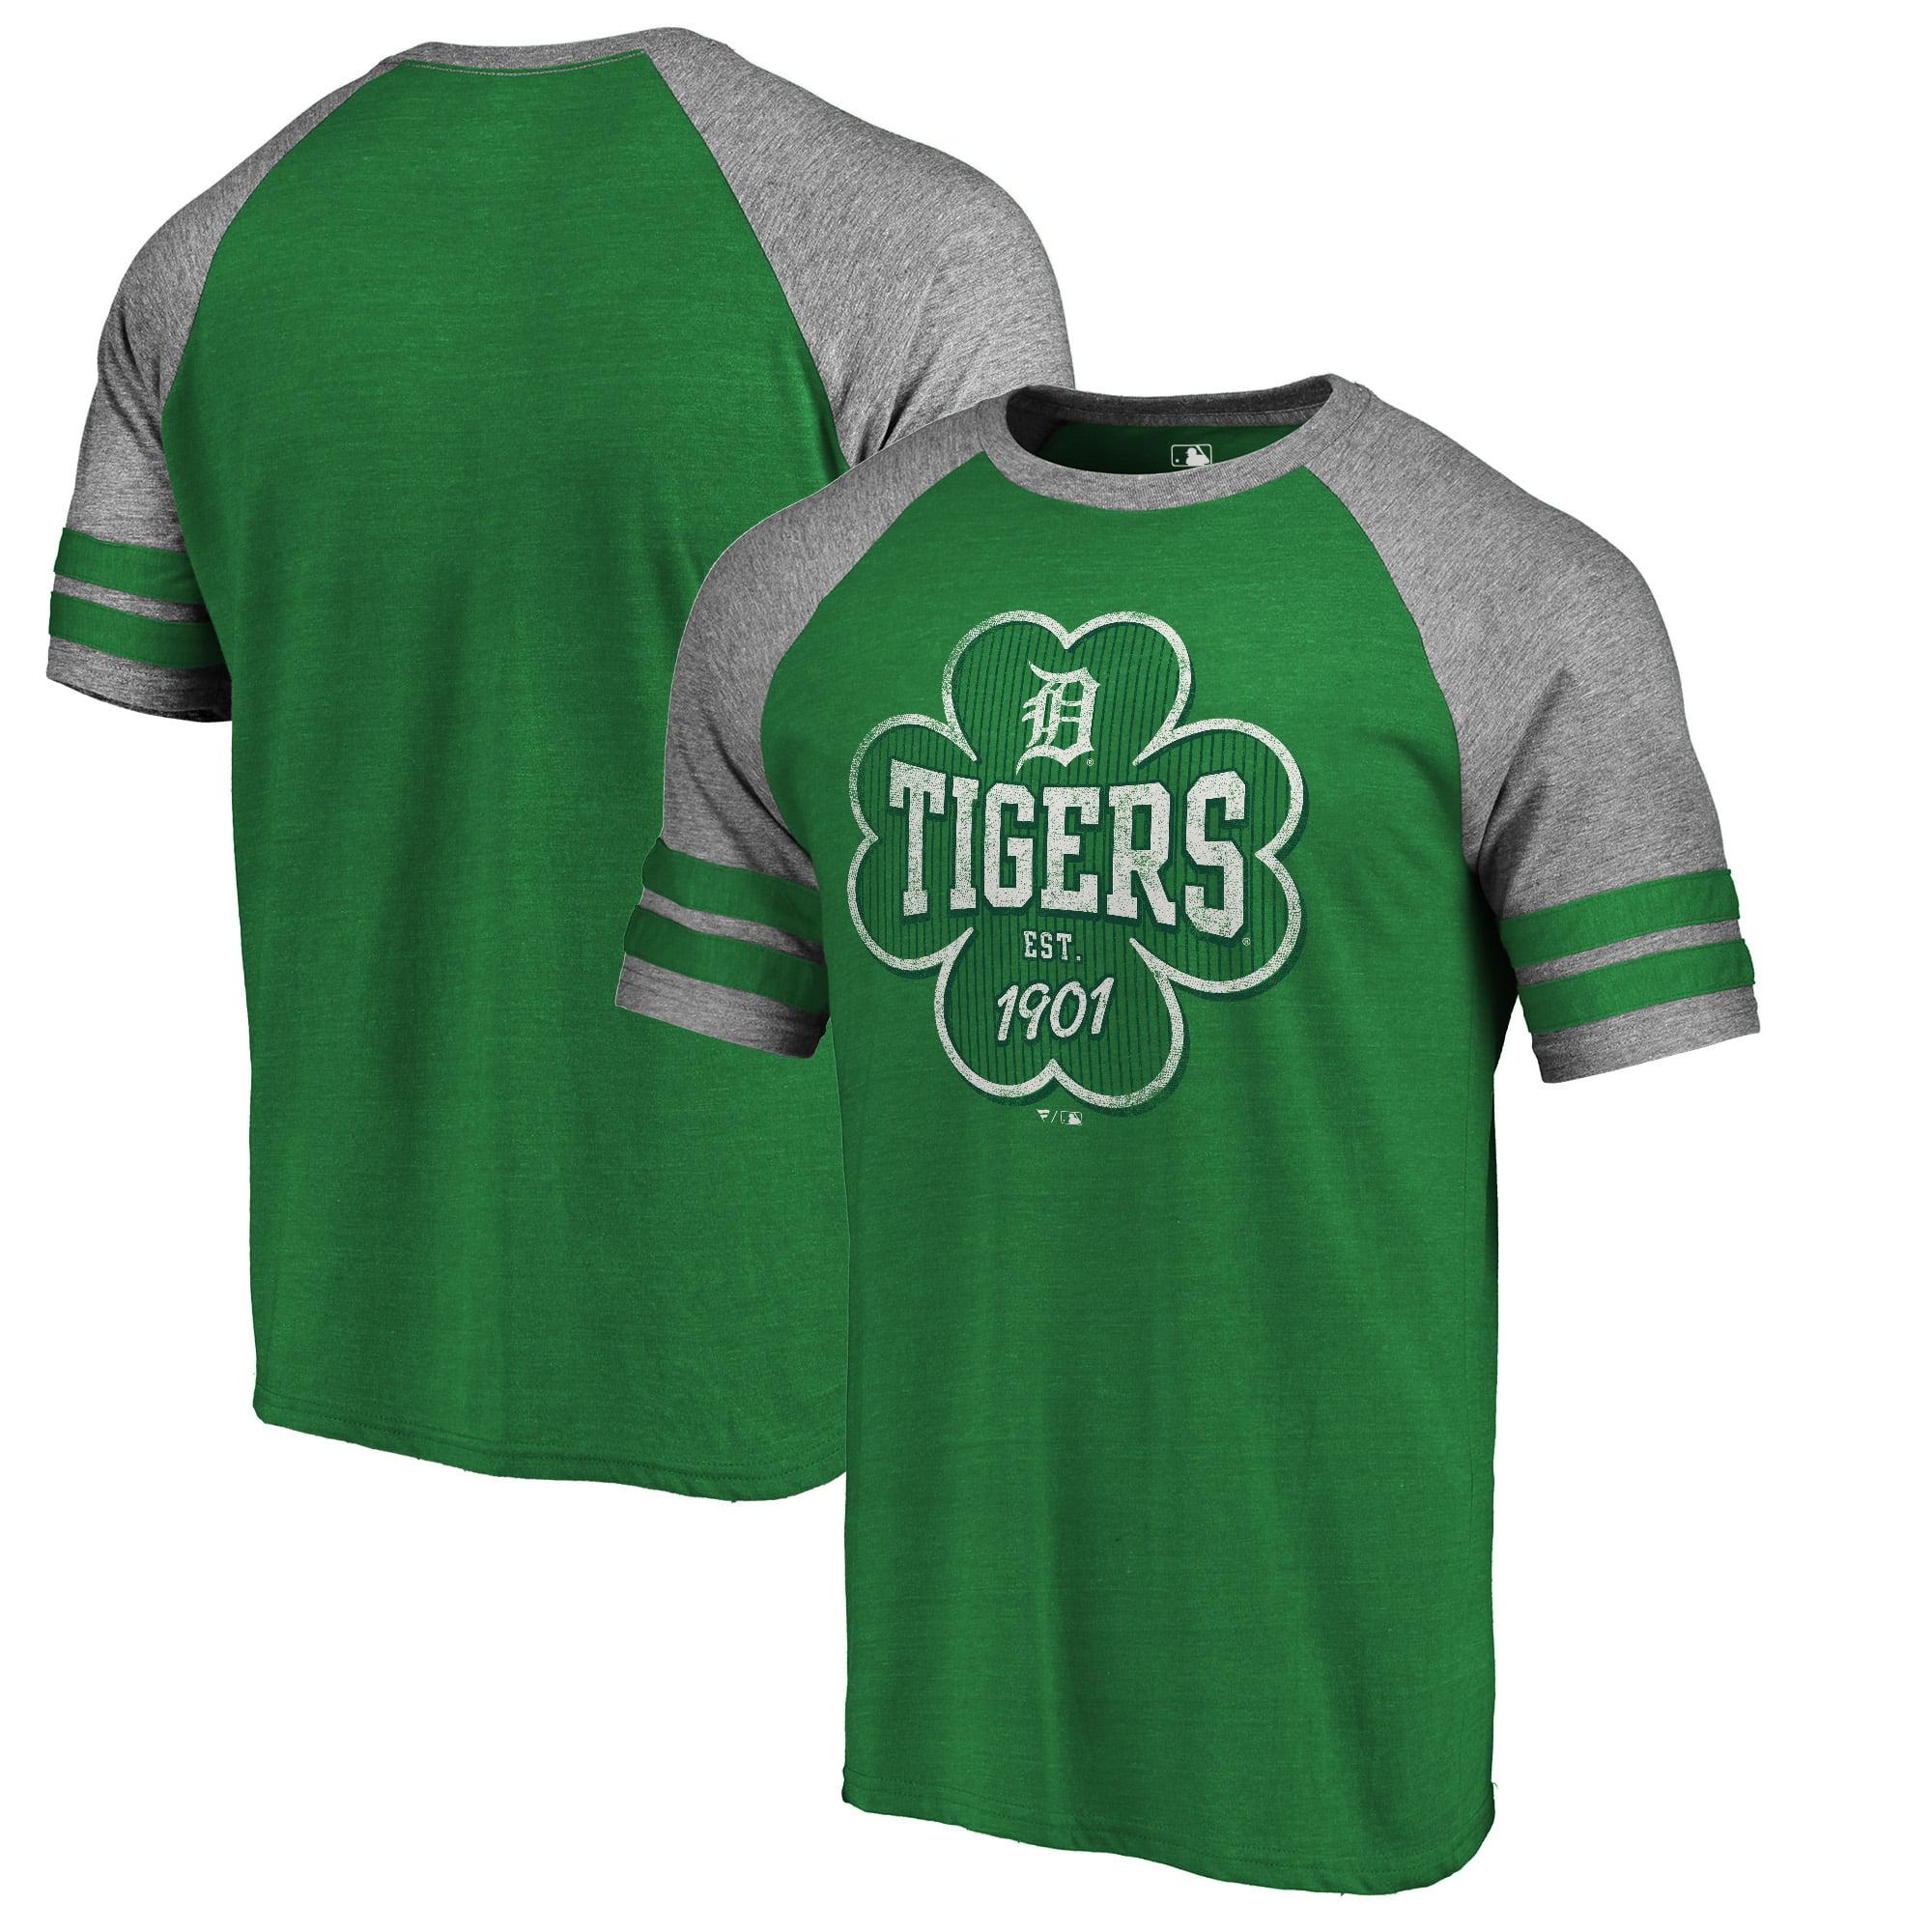 Detroit Tigers Fanatics Branded 2018 St. Patrick's Day Emerald Isle Tri-Blend Raglan T-Shirt - Kelly Green